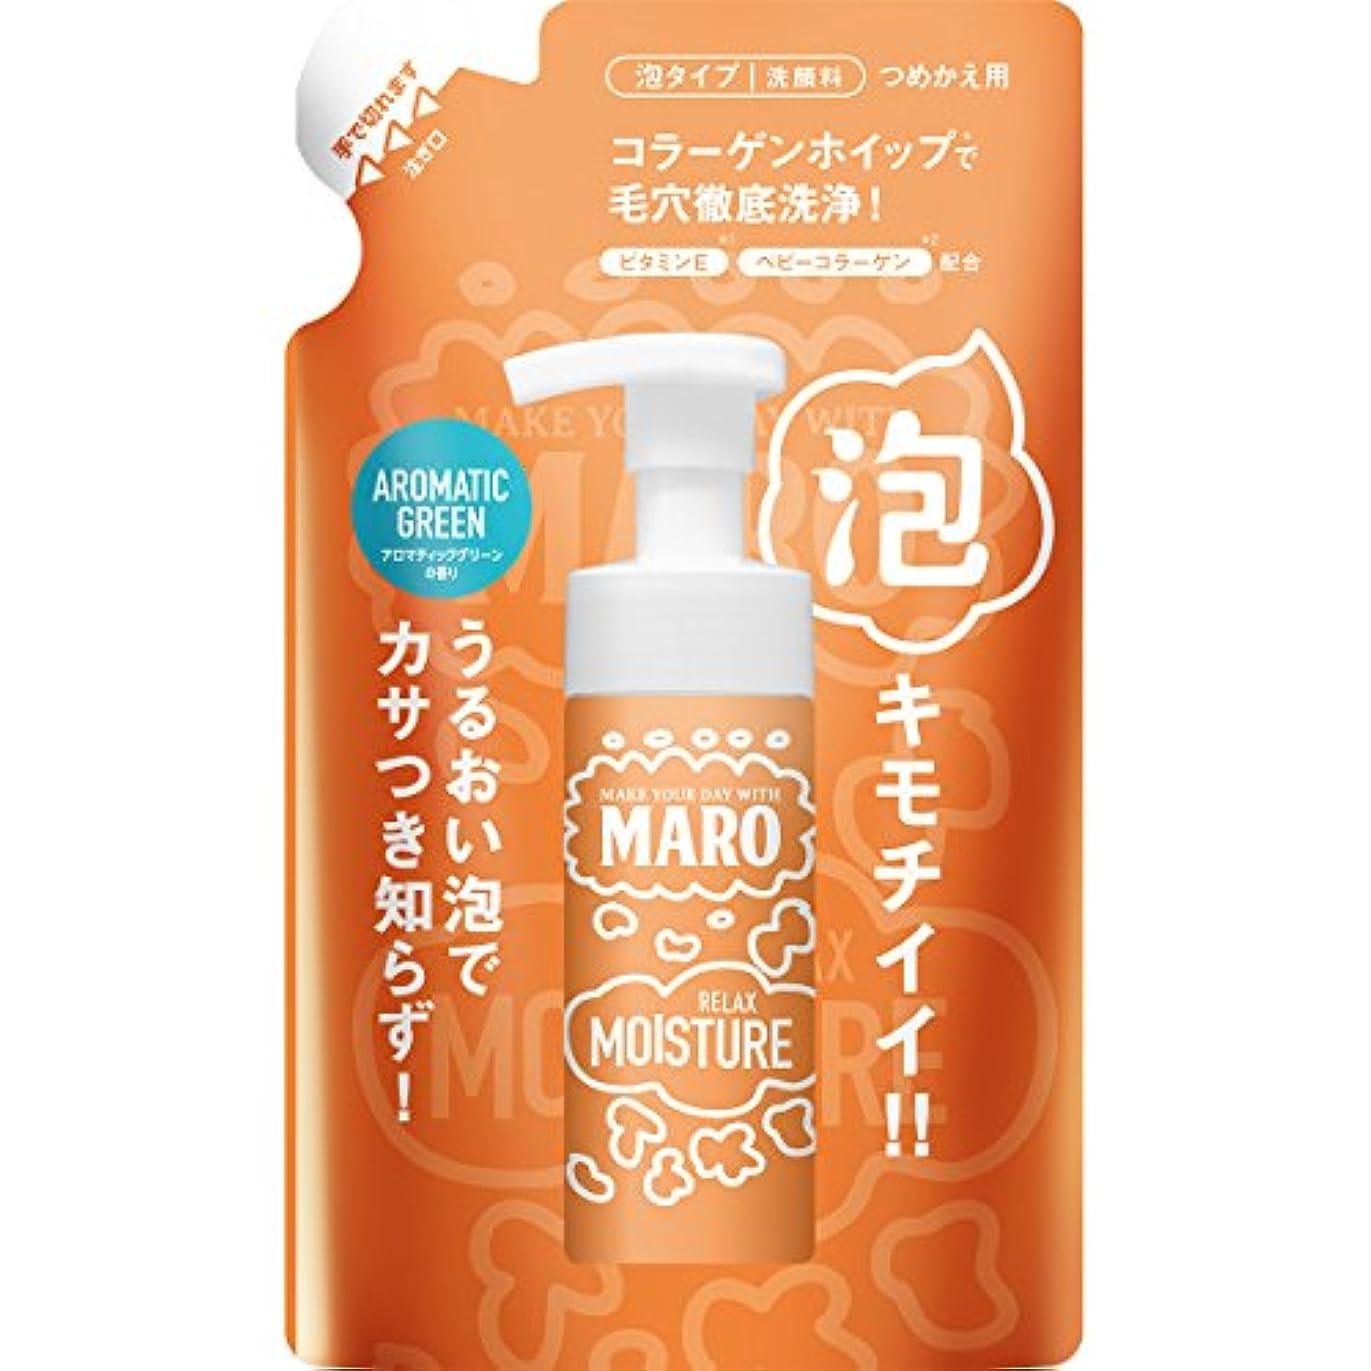 荷物マントル侵入するMARO グルーヴィー 泡洗顔 詰め替え リラックスモイスチャー 130ml